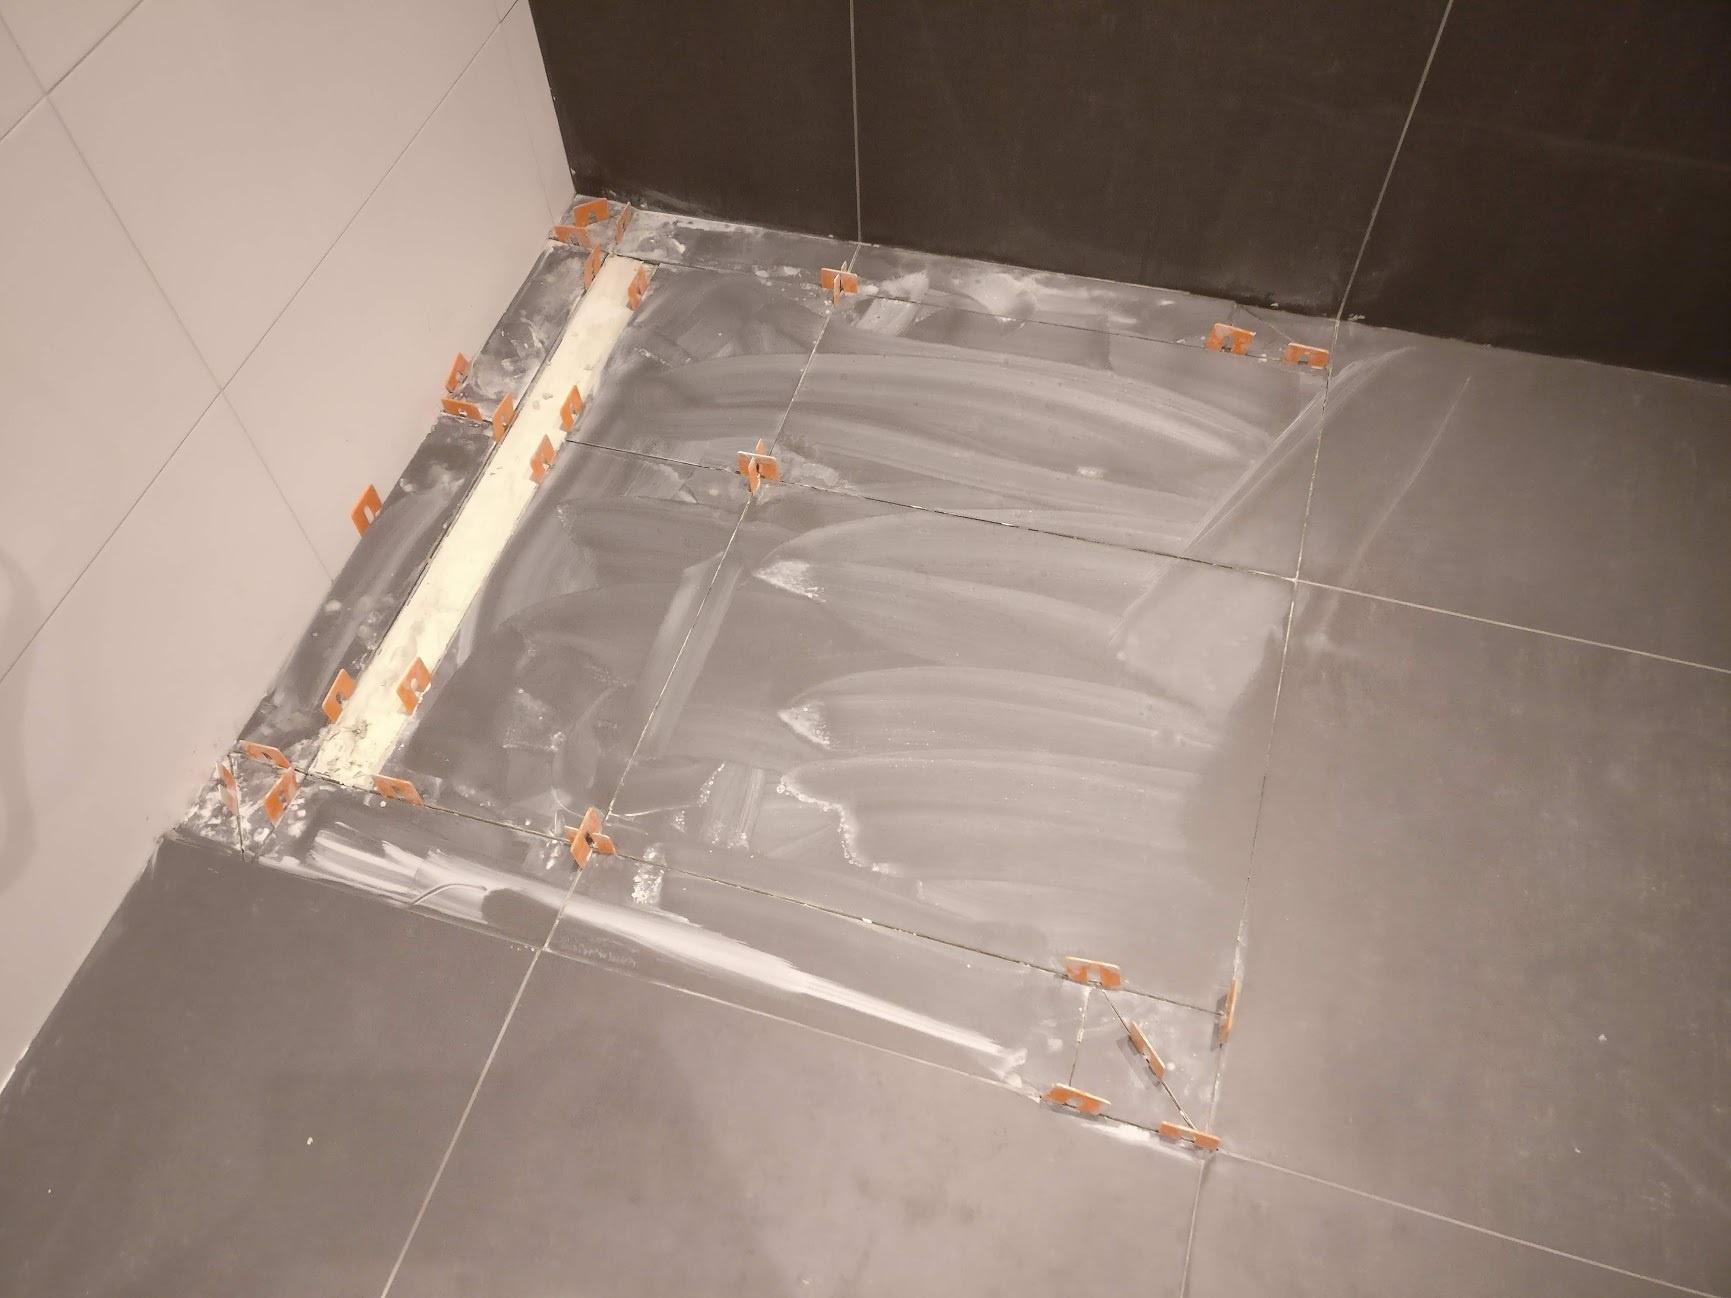 Uurtarief Badkamer Installateur : Het badkamer topic verkopers kwaliteit prijs deel wonen